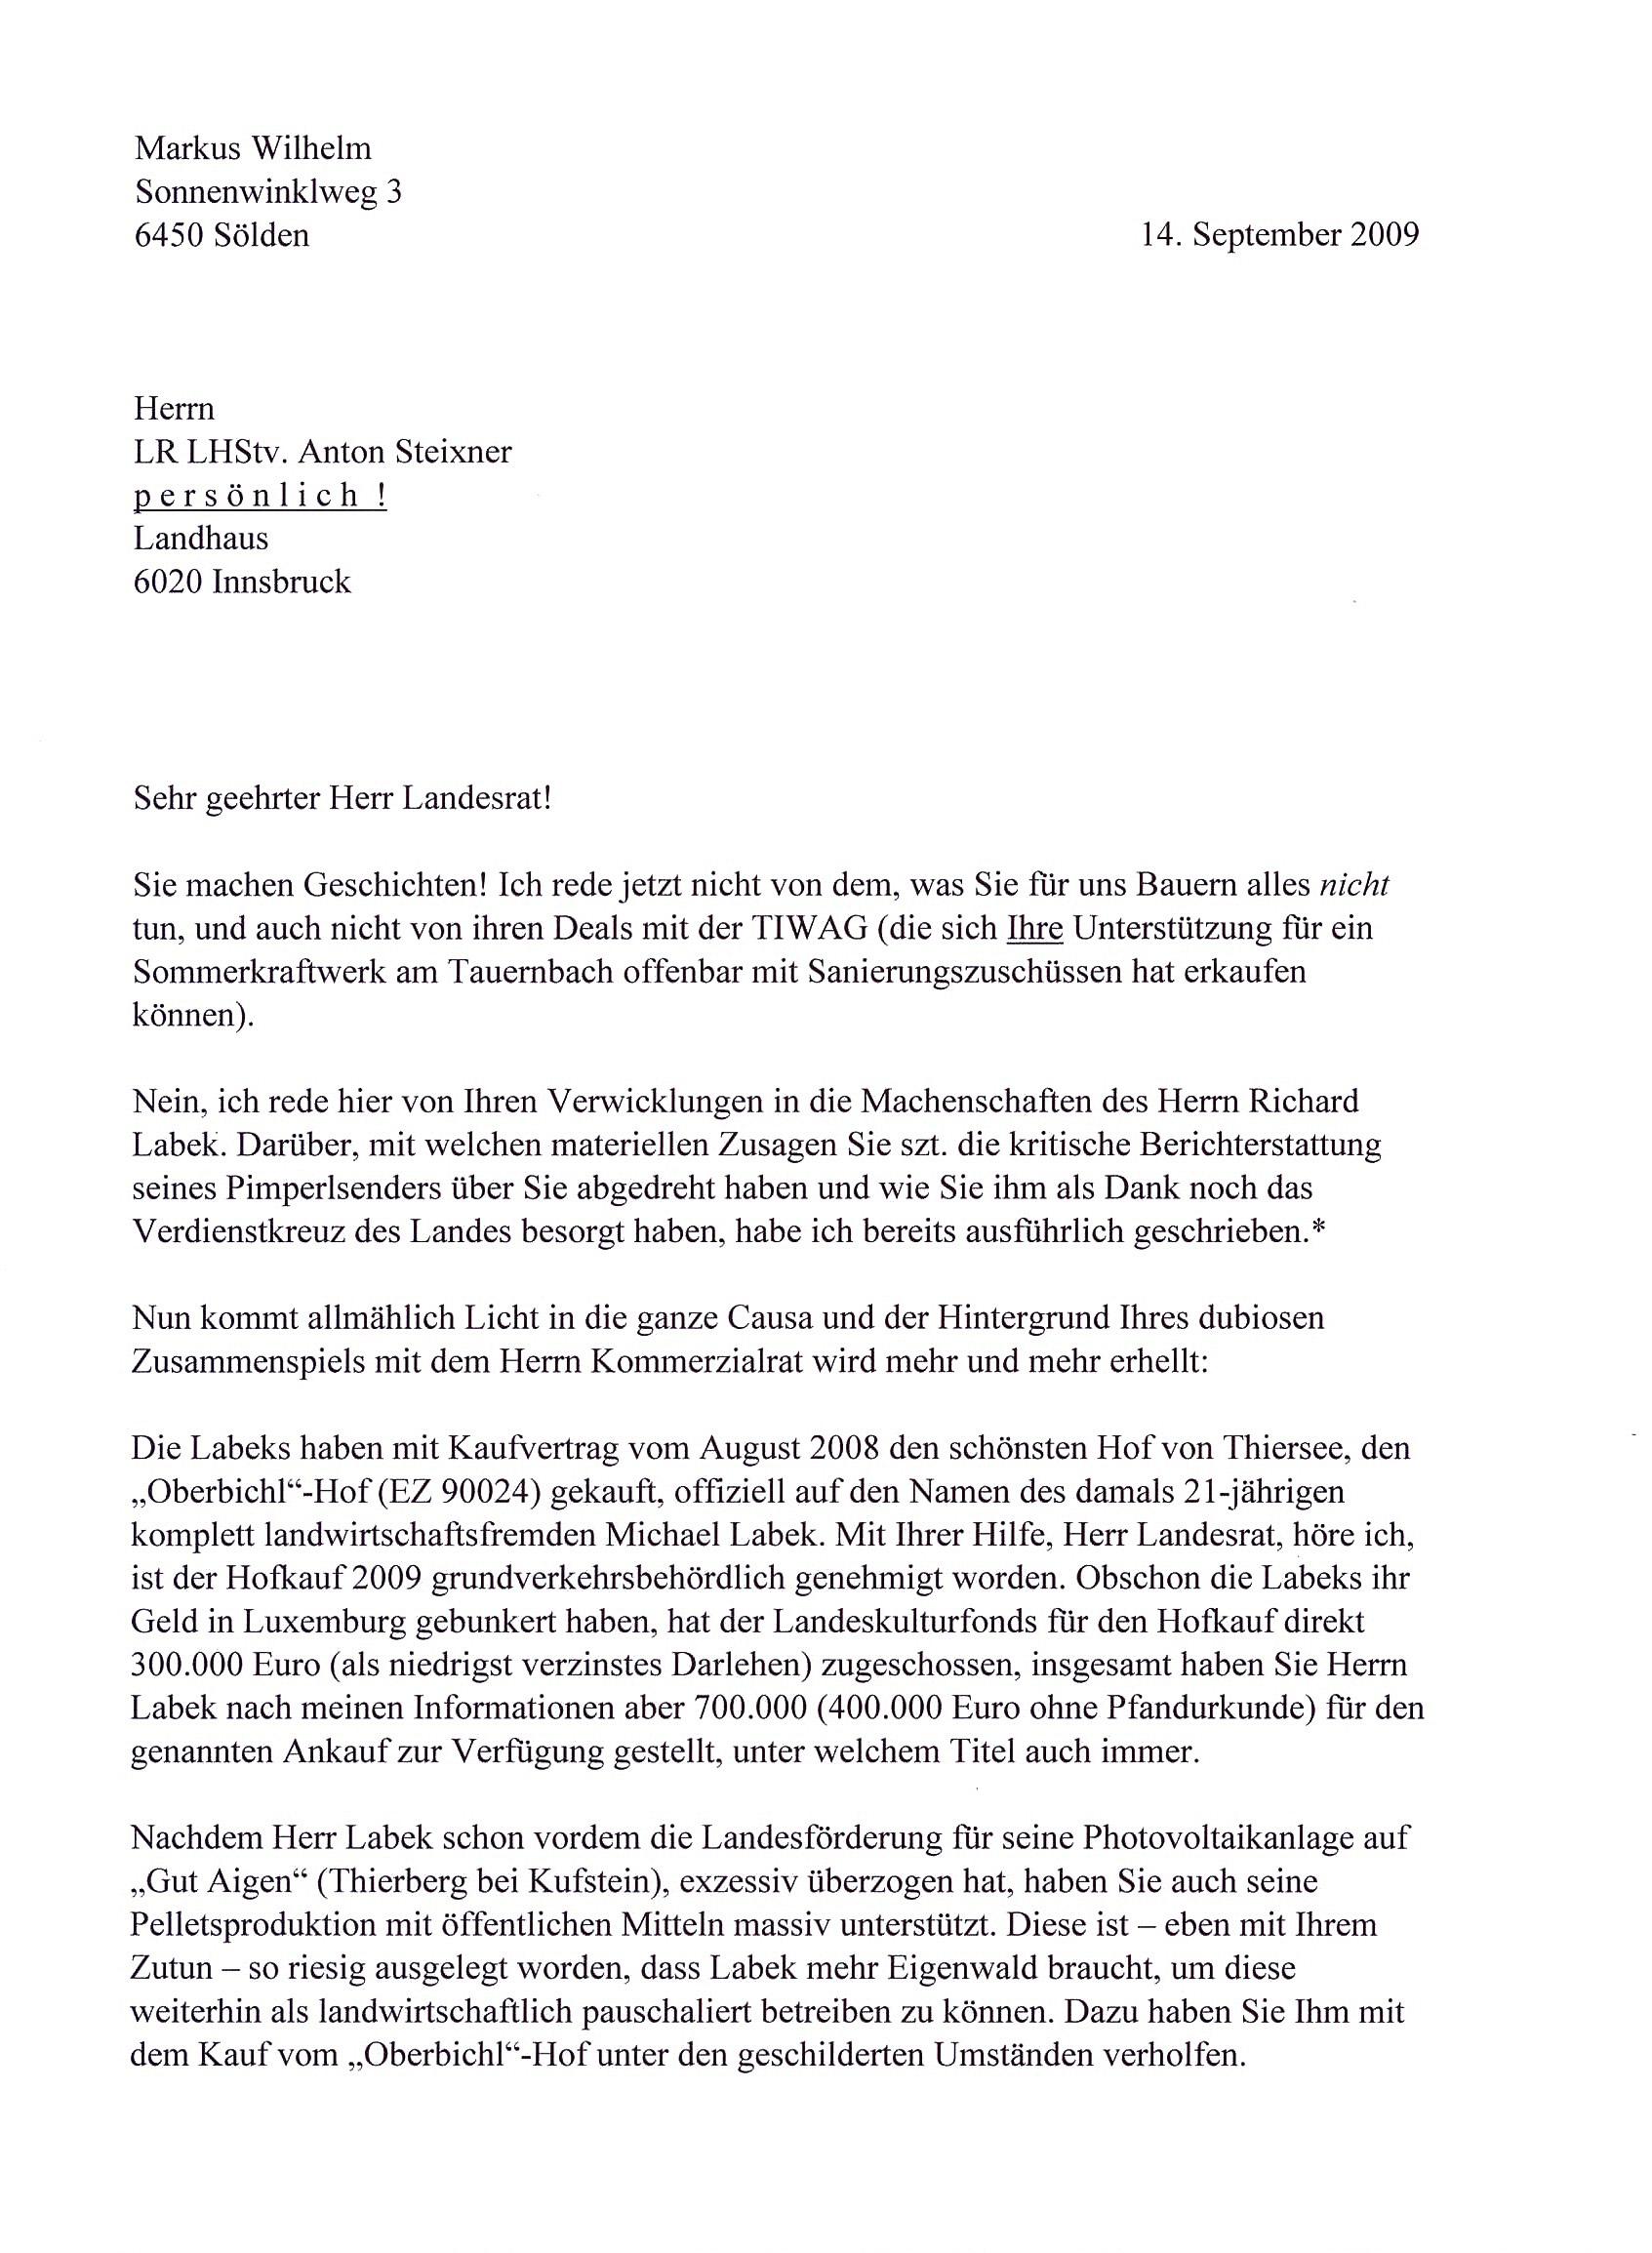 Erfreut Teile Eines Geschäftsbrief Arbeitsblatt Ideen - Super ...